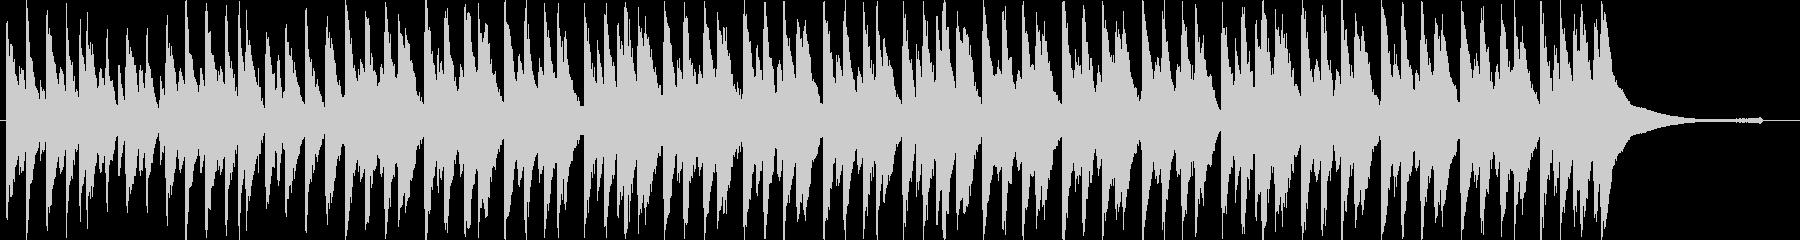 明るくポップな流行コーポレート系BGMの未再生の波形